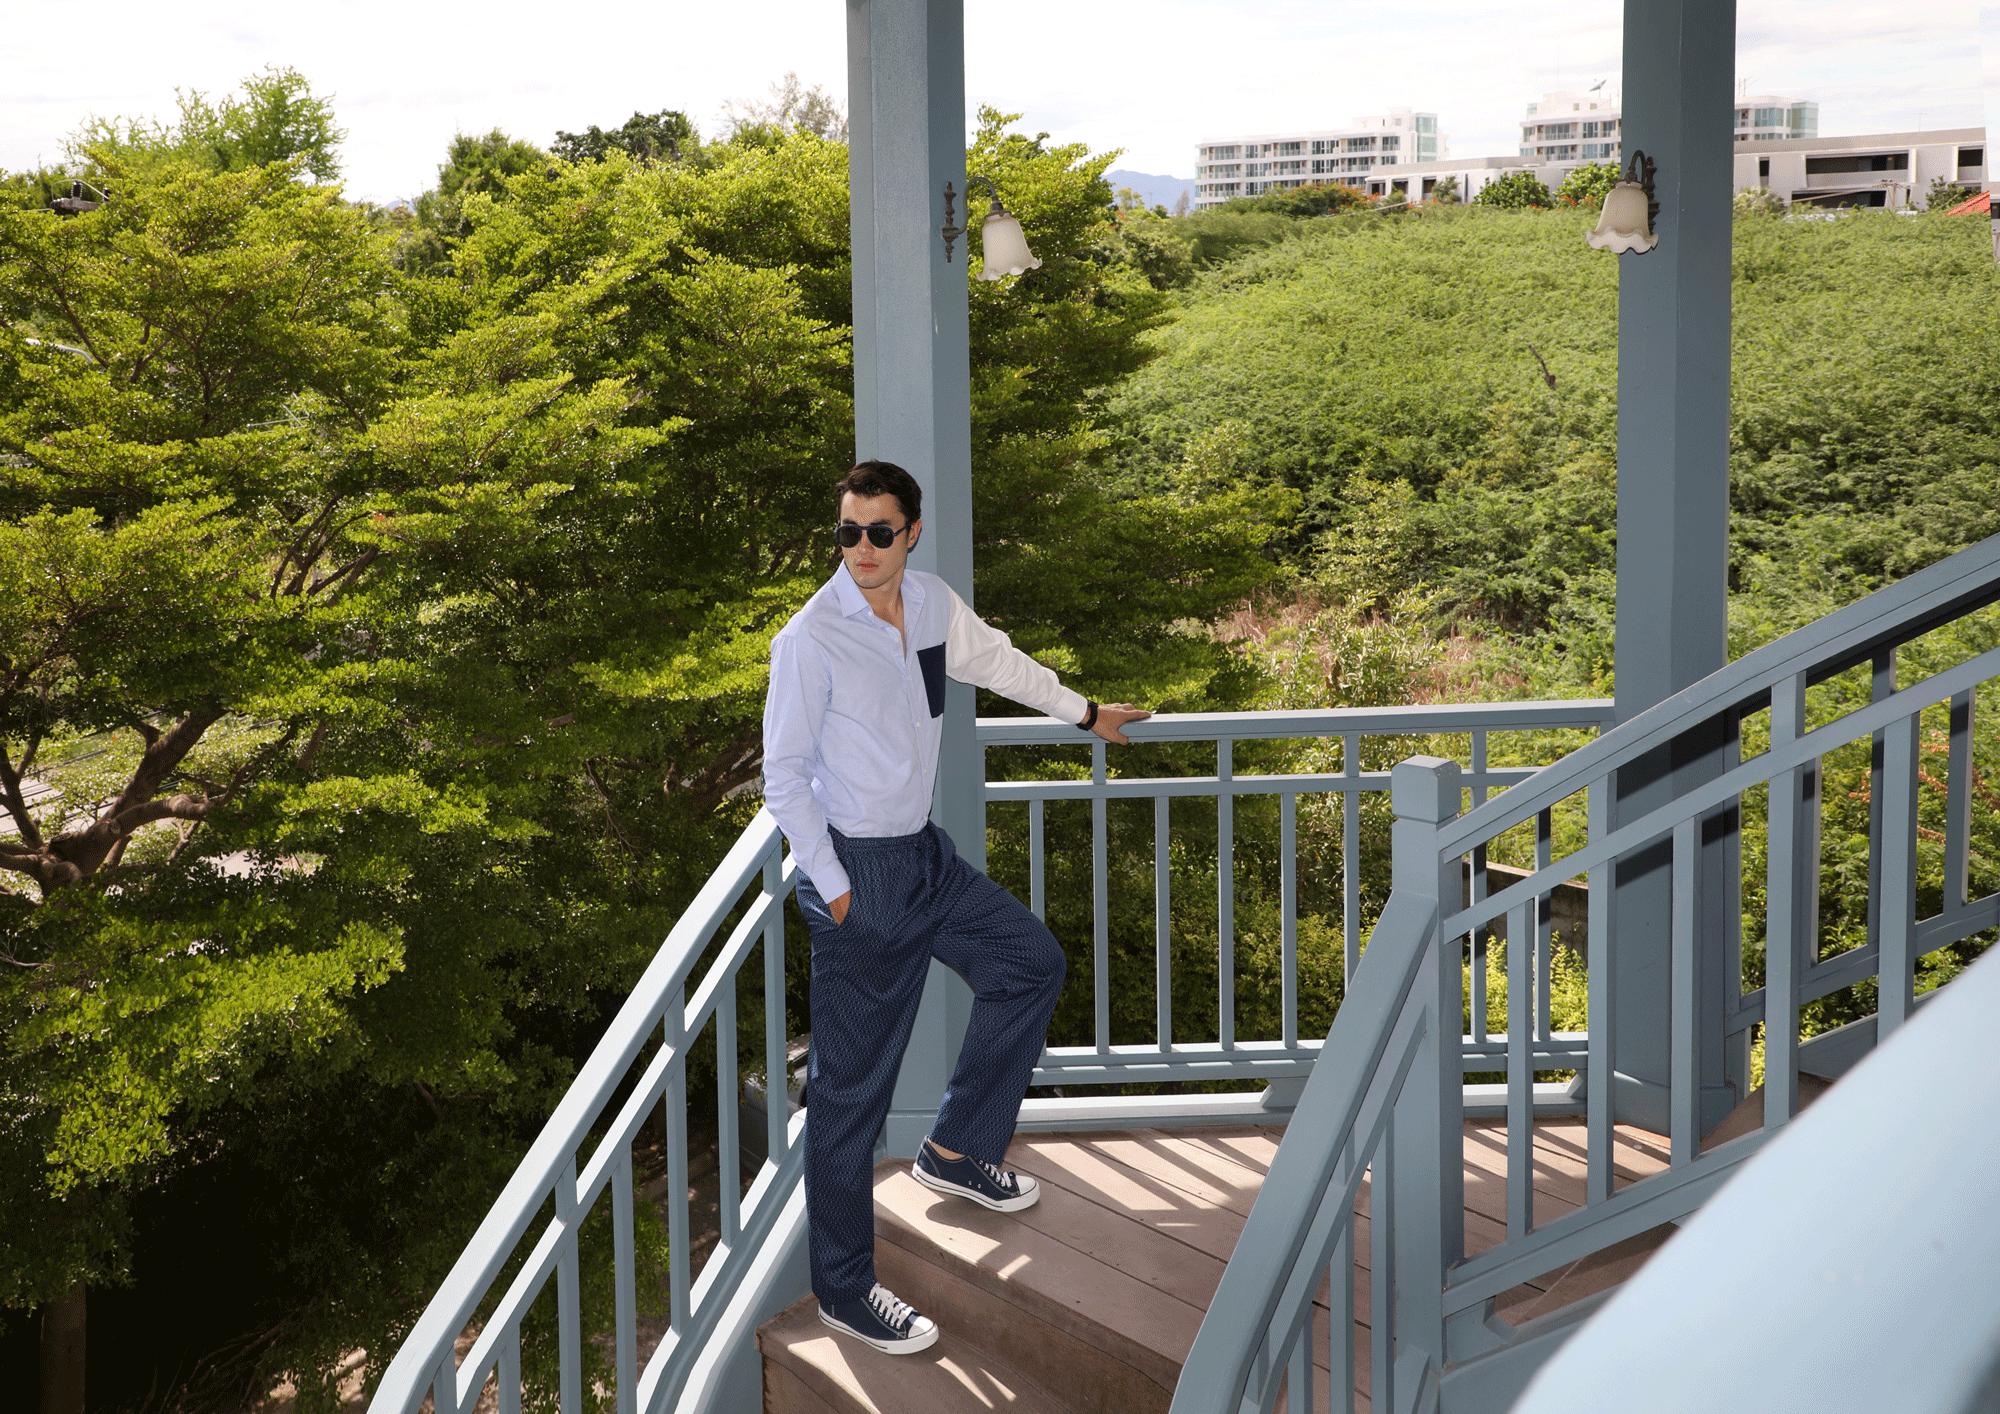 shirt : Leisure Projects / pyjama pants : JOCKEY / sunglasses : IZIPIZI